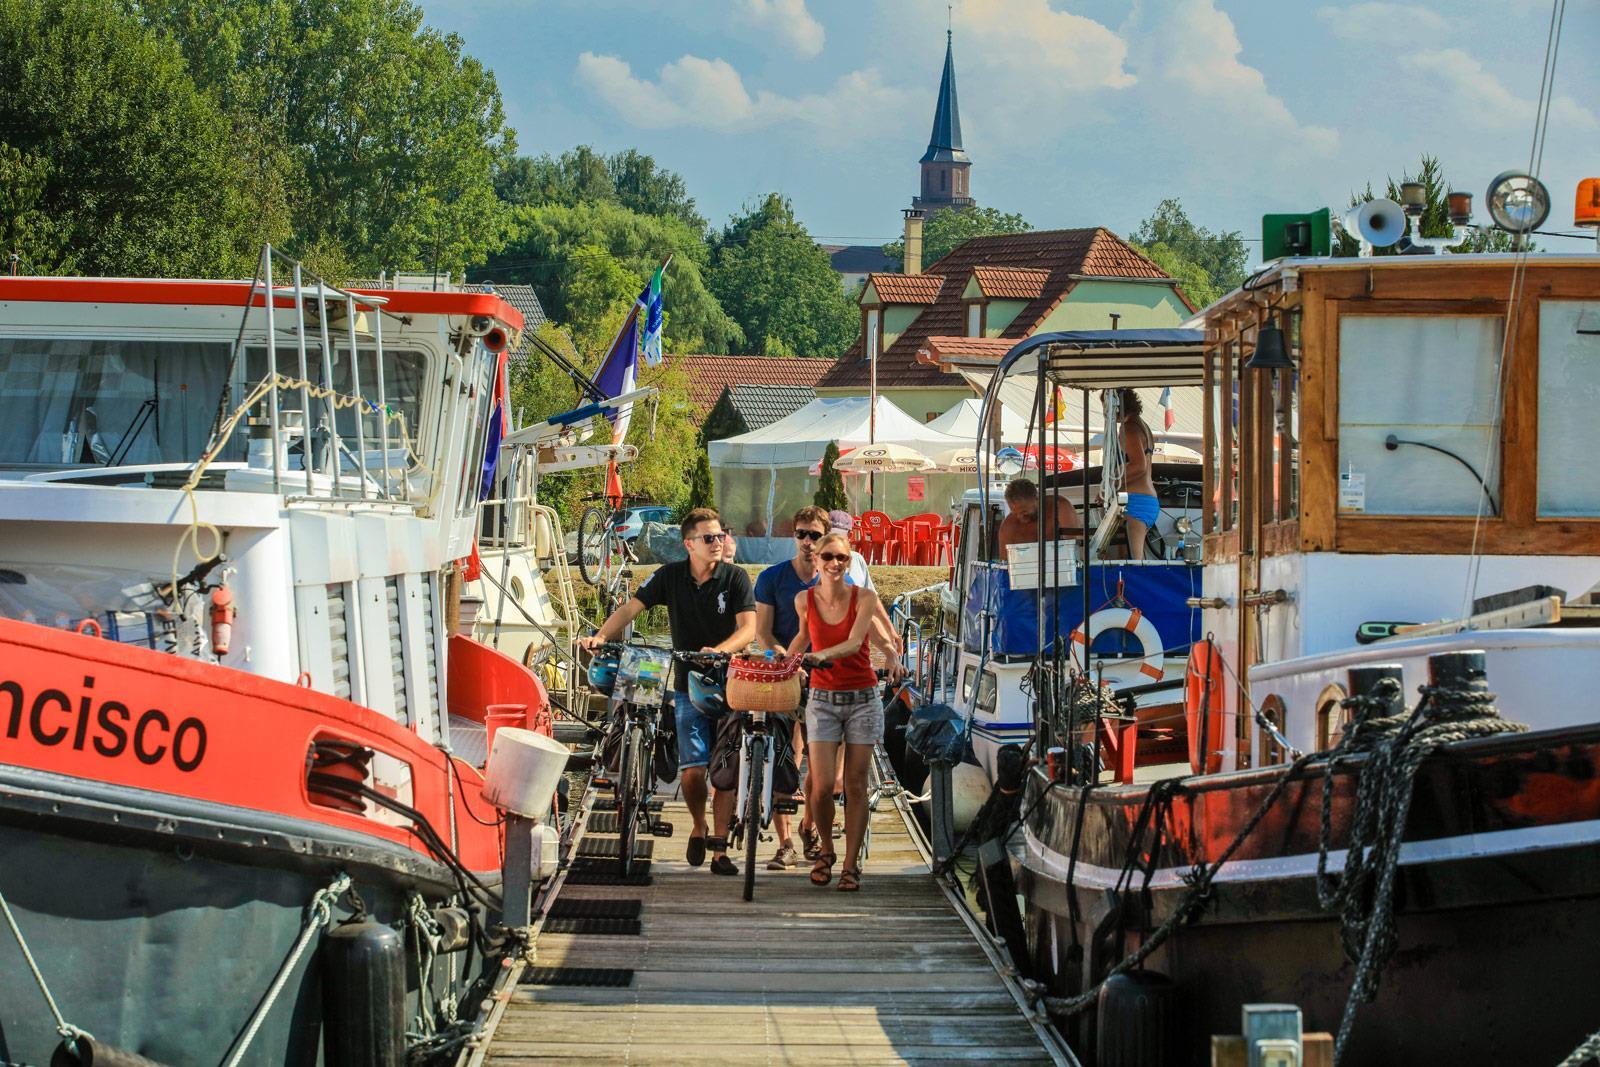 Fahrradtour im Sundgau n°2 : Rund um den kanal